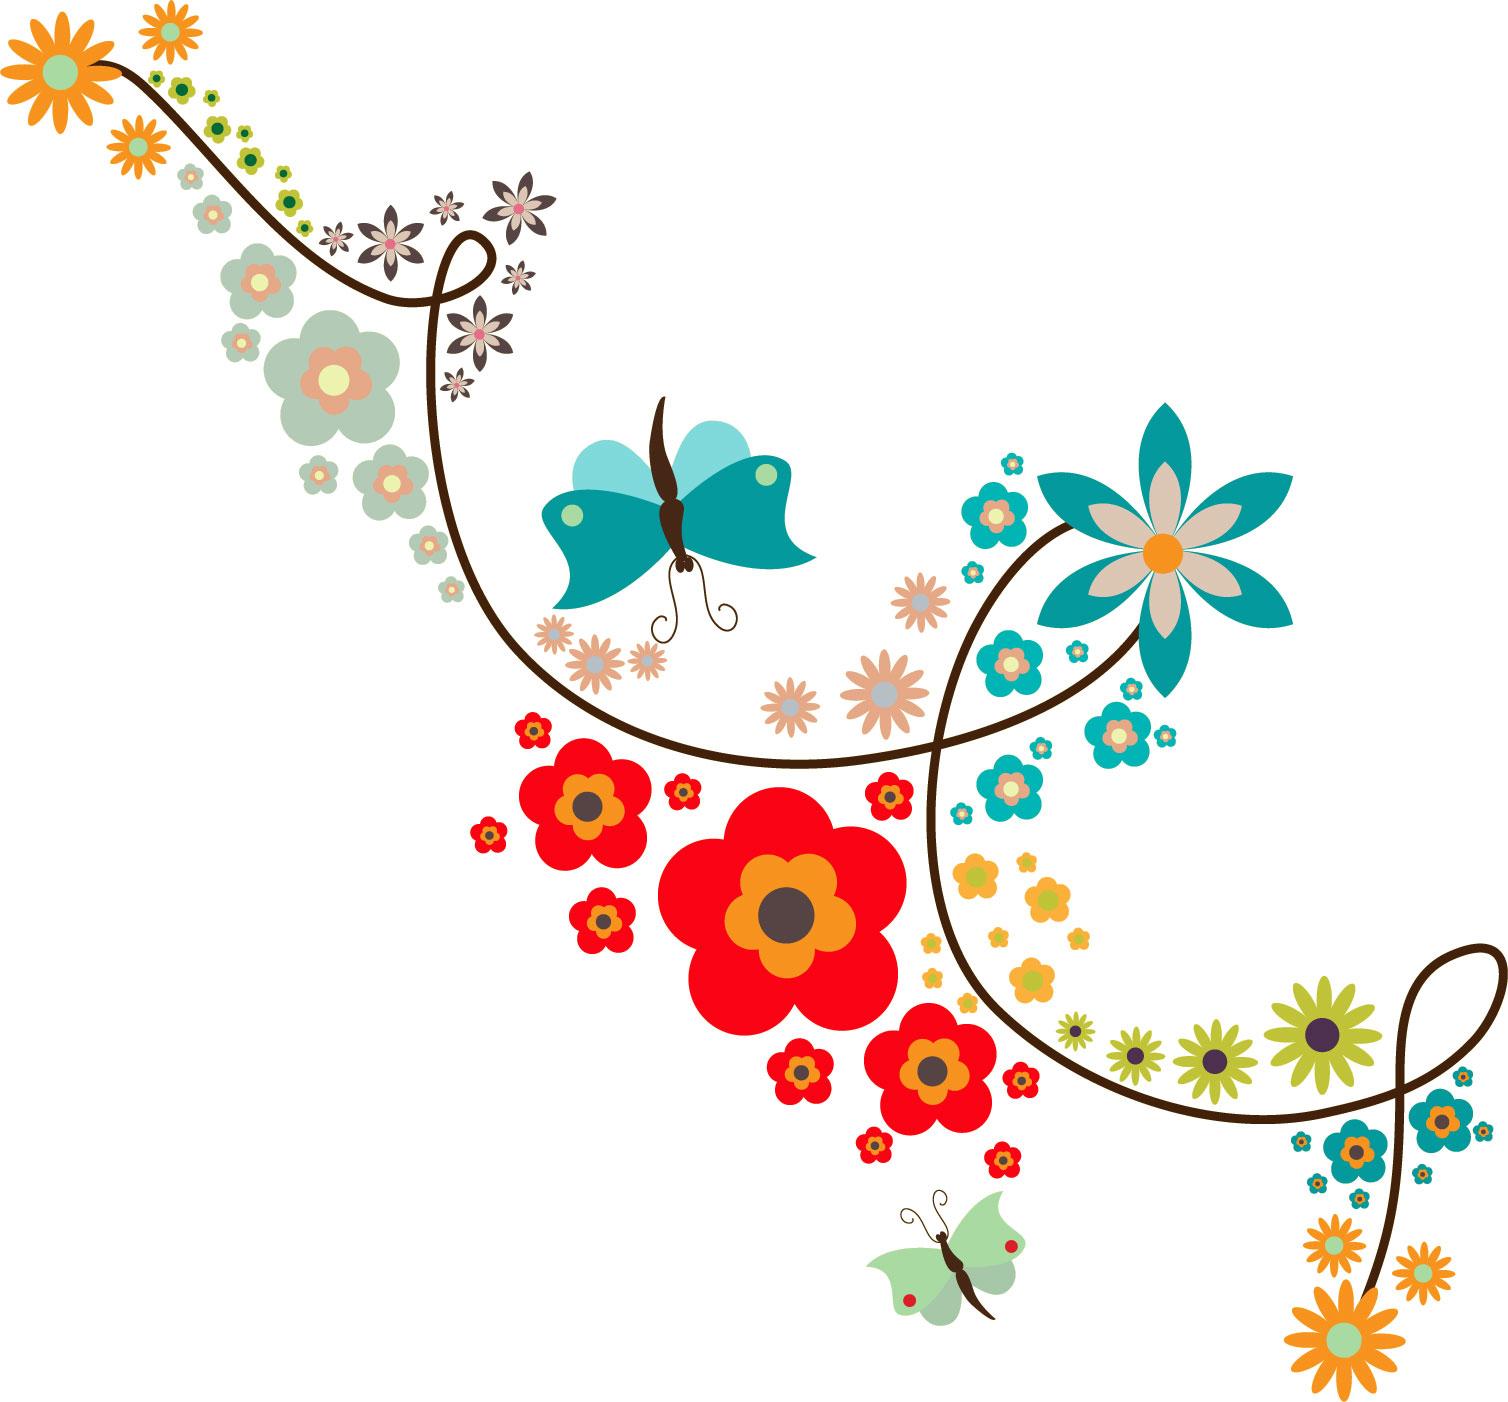 ポップでかわいい花のイラスト・フリー素材/no.187『カラフル・蝶』